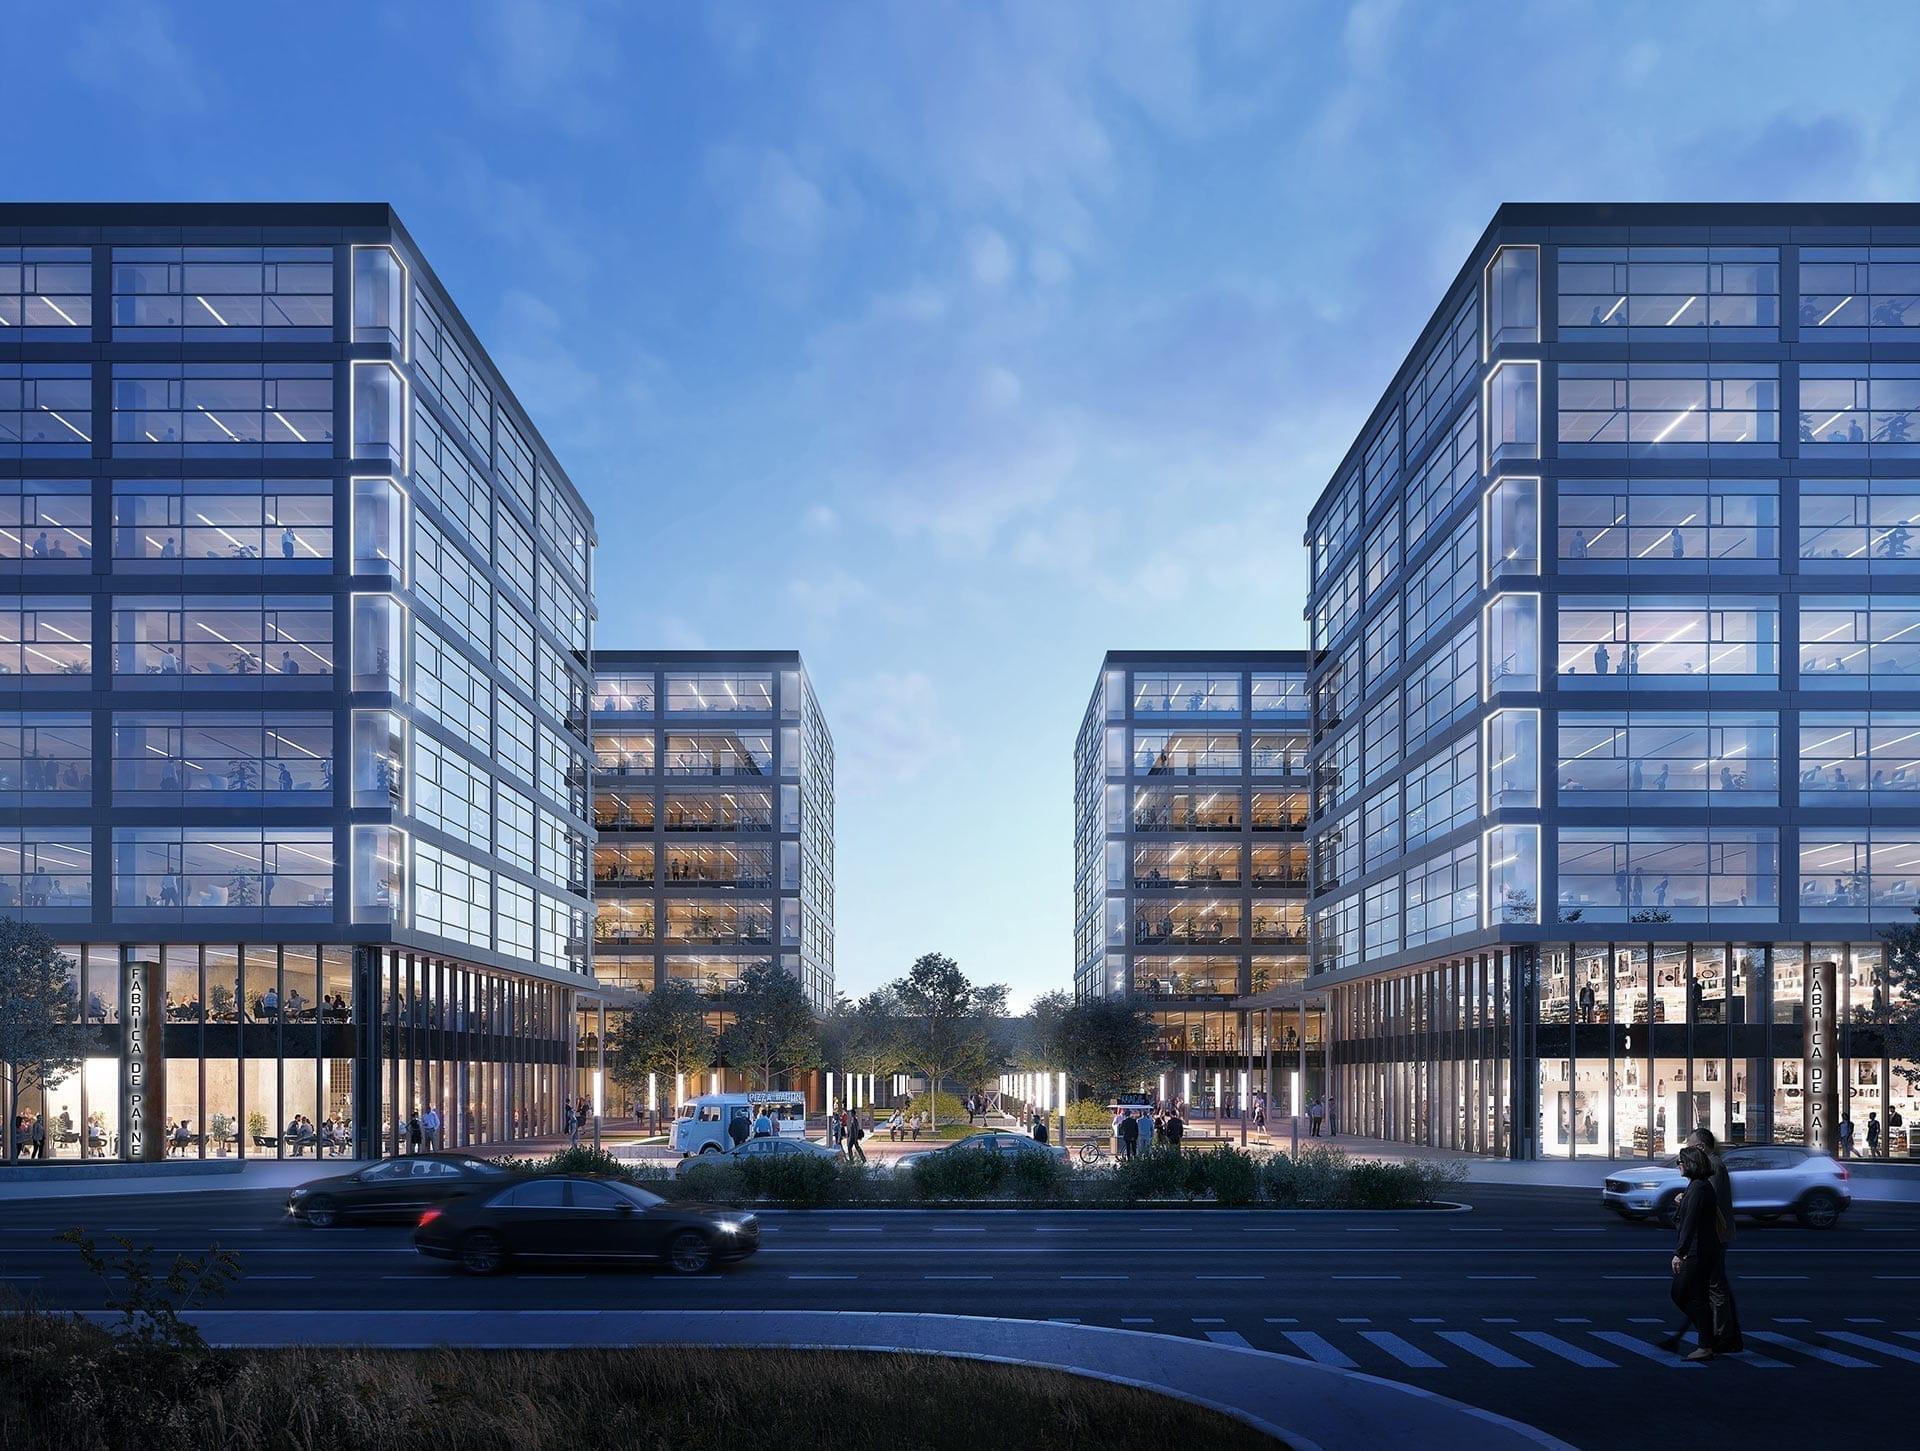 j8 office park - Topul proiectelor de birouri din București cu livrare în 2021